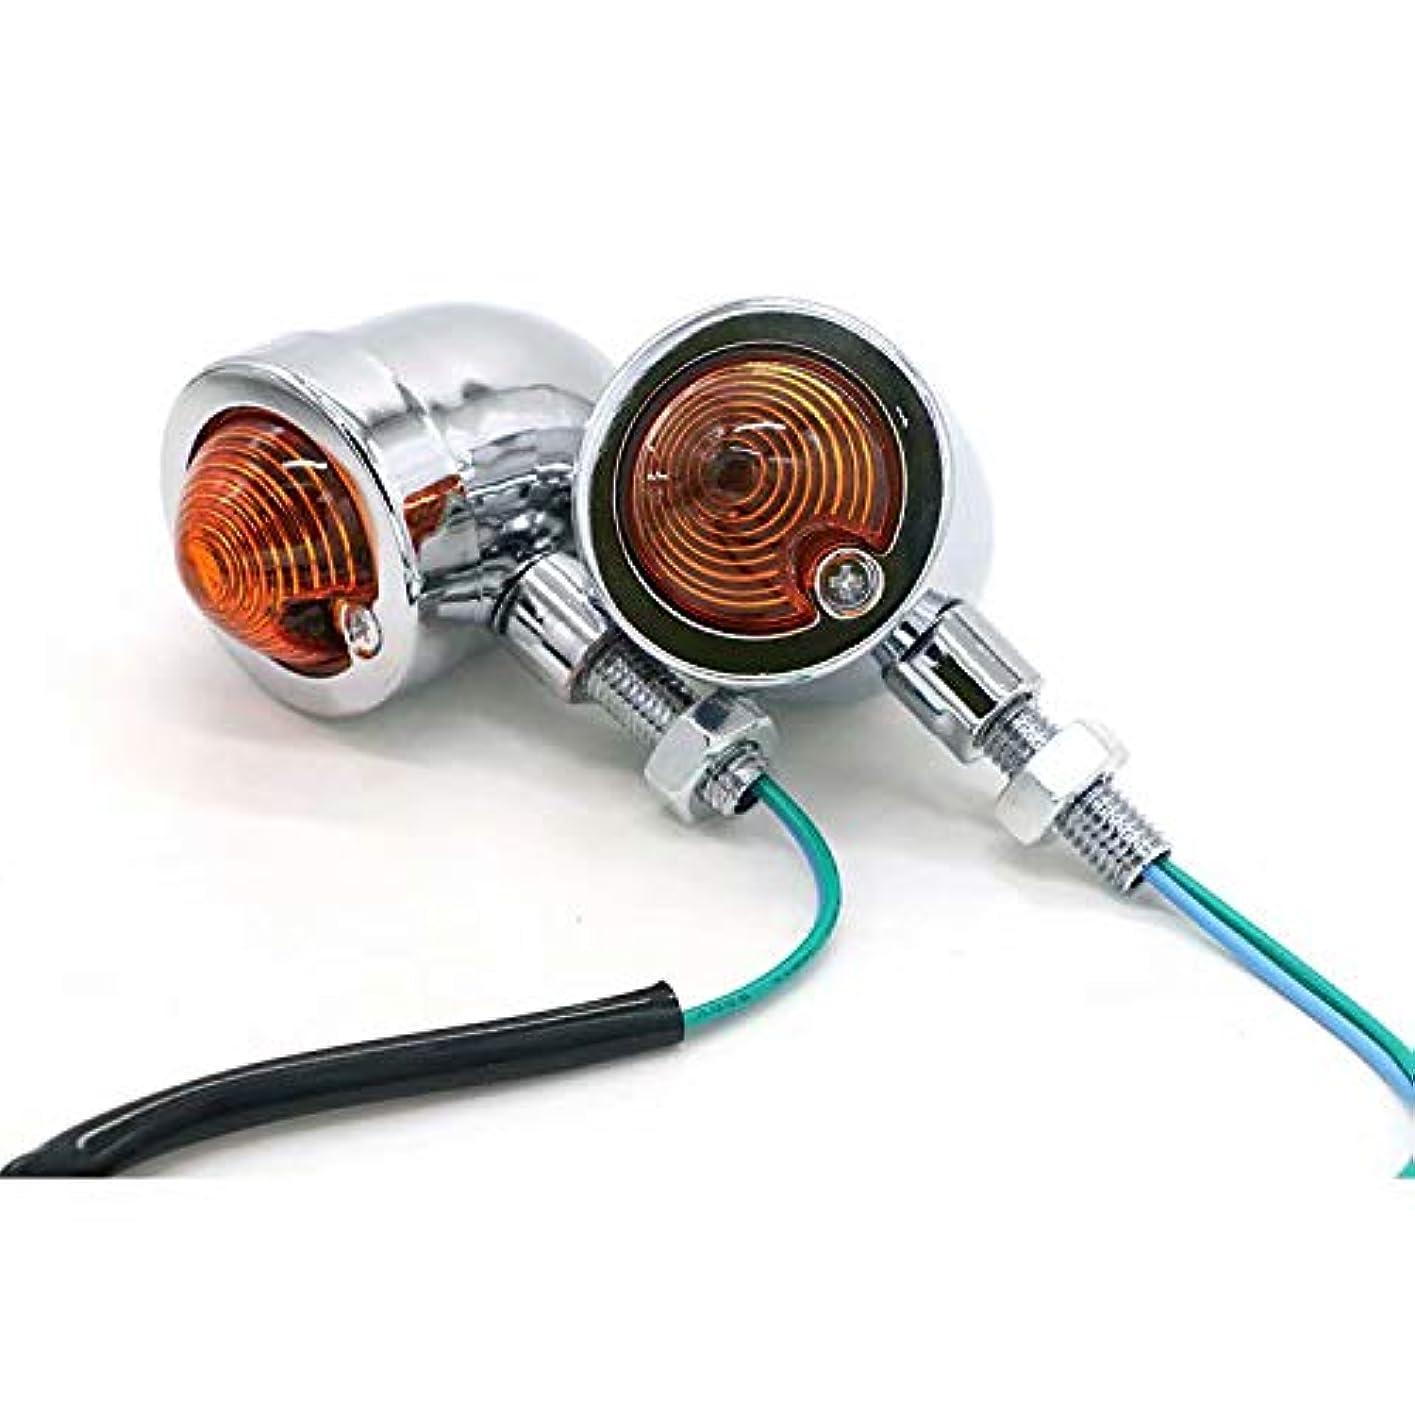 トレッド咽頭可愛いオートバイの部品を改造して、復古金属のステアリングランプを改造します。